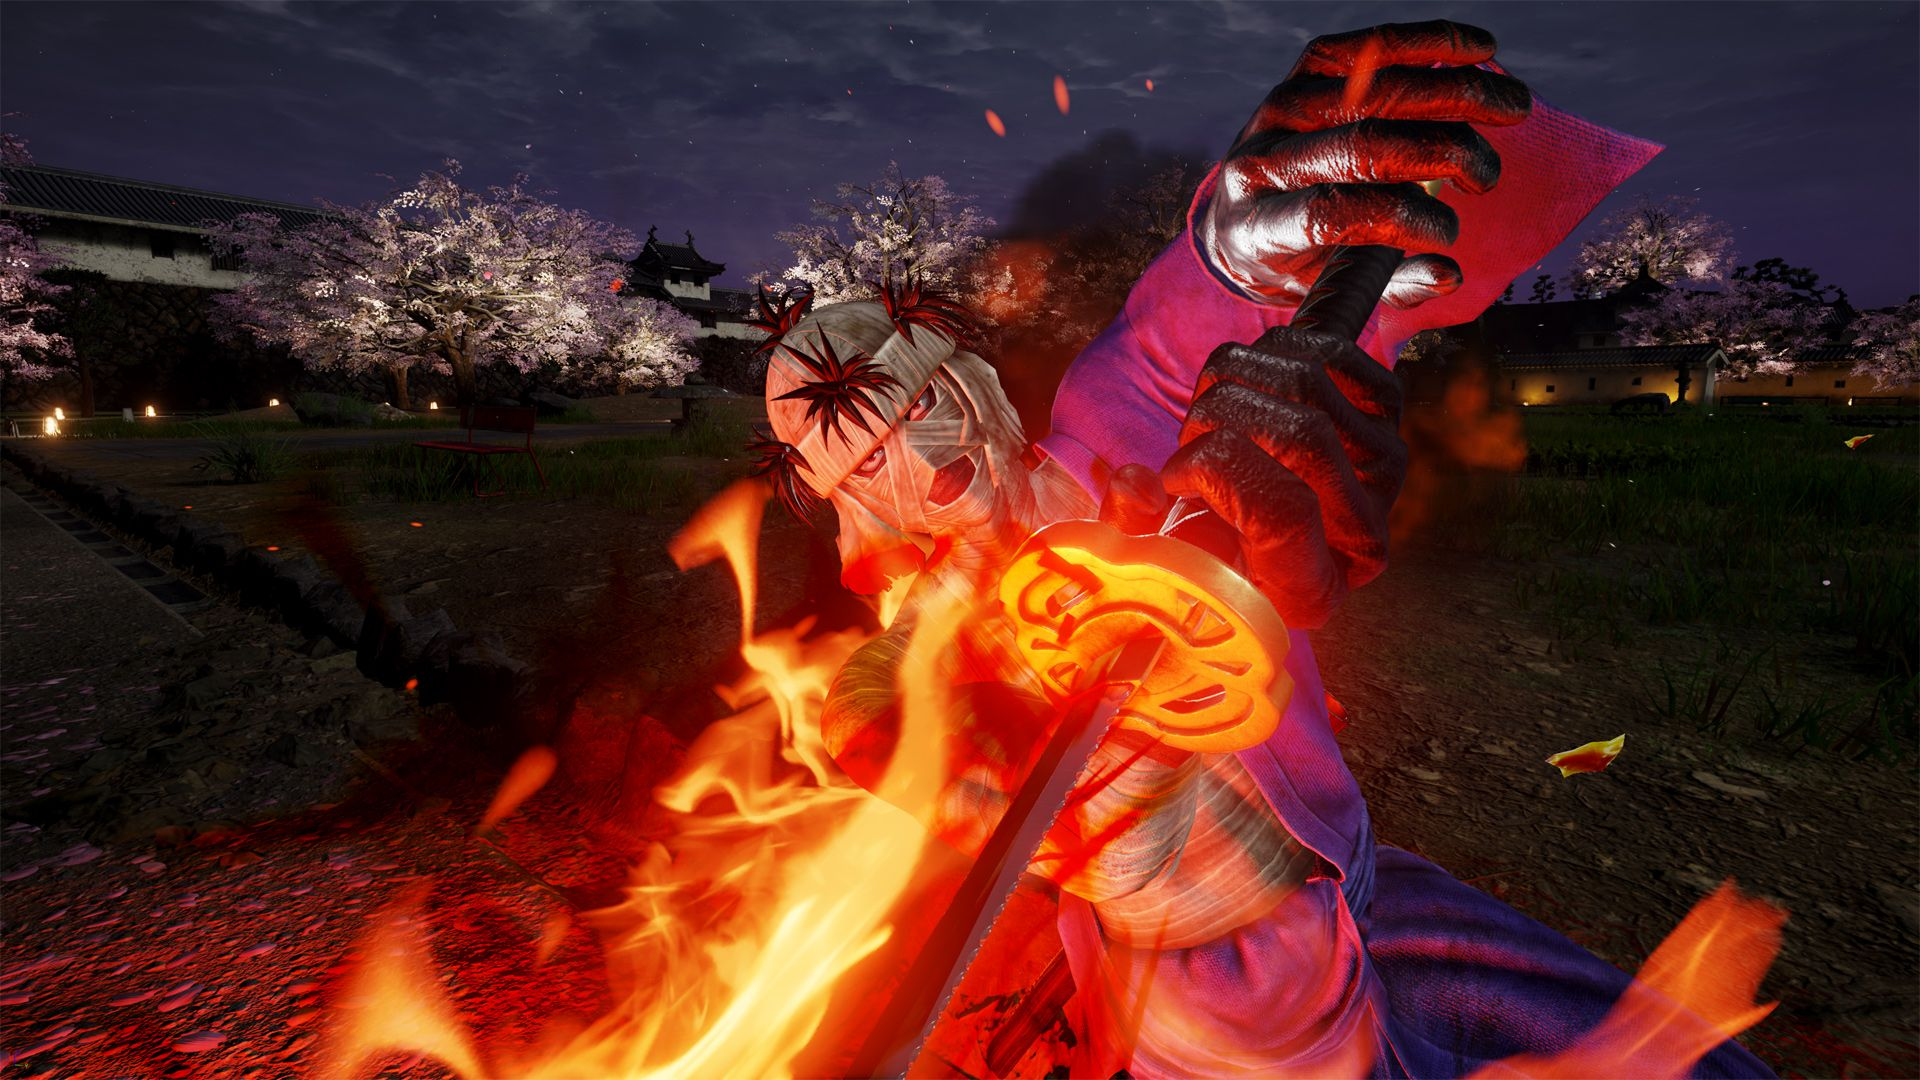 Un screenshot de Makoto donnant un coup de sabre enflammé en direction de la caméra.